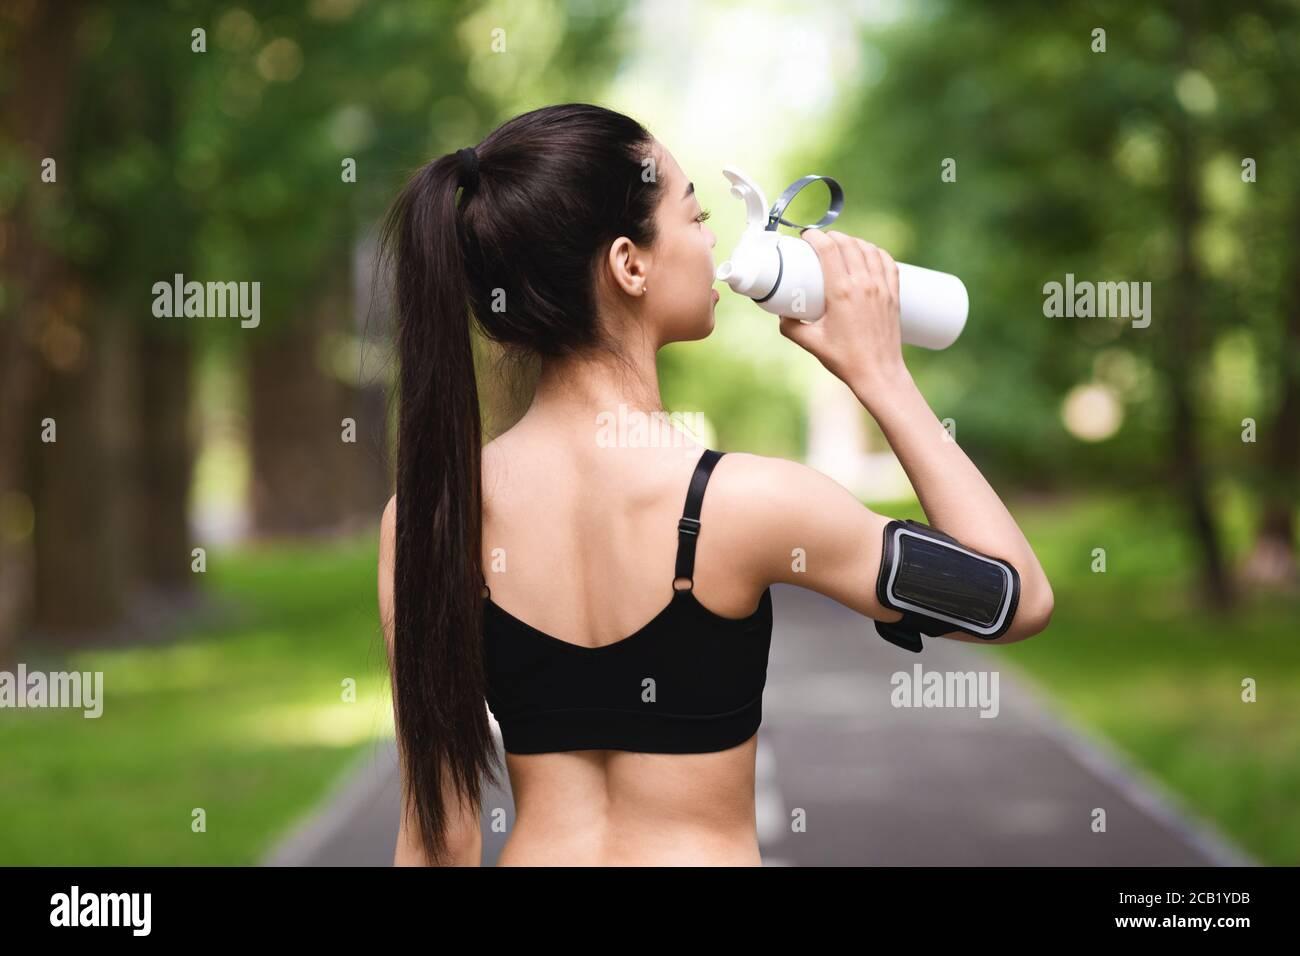 Vue arrière de la femme de fitness asiatique qui boit de l'eau après le jogging dans le parc Banque D'Images